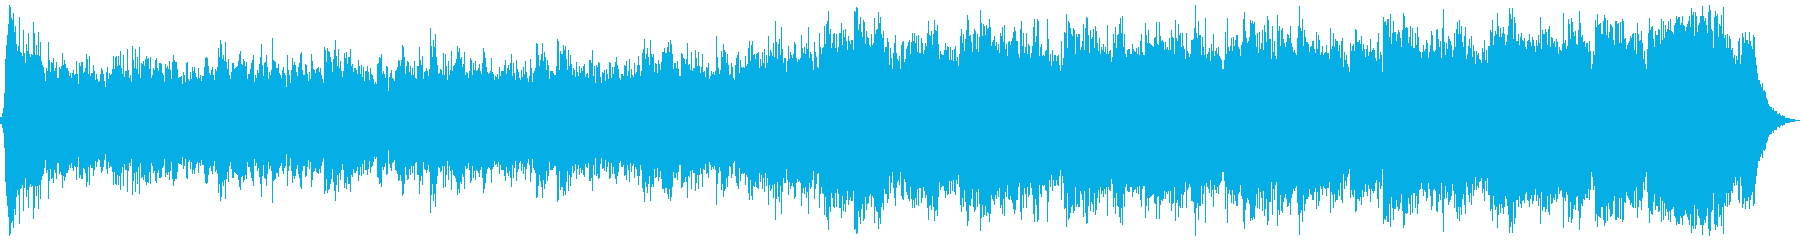 RPG旅立ちオーケストラ 合唱無60秒版の再生済みの波形